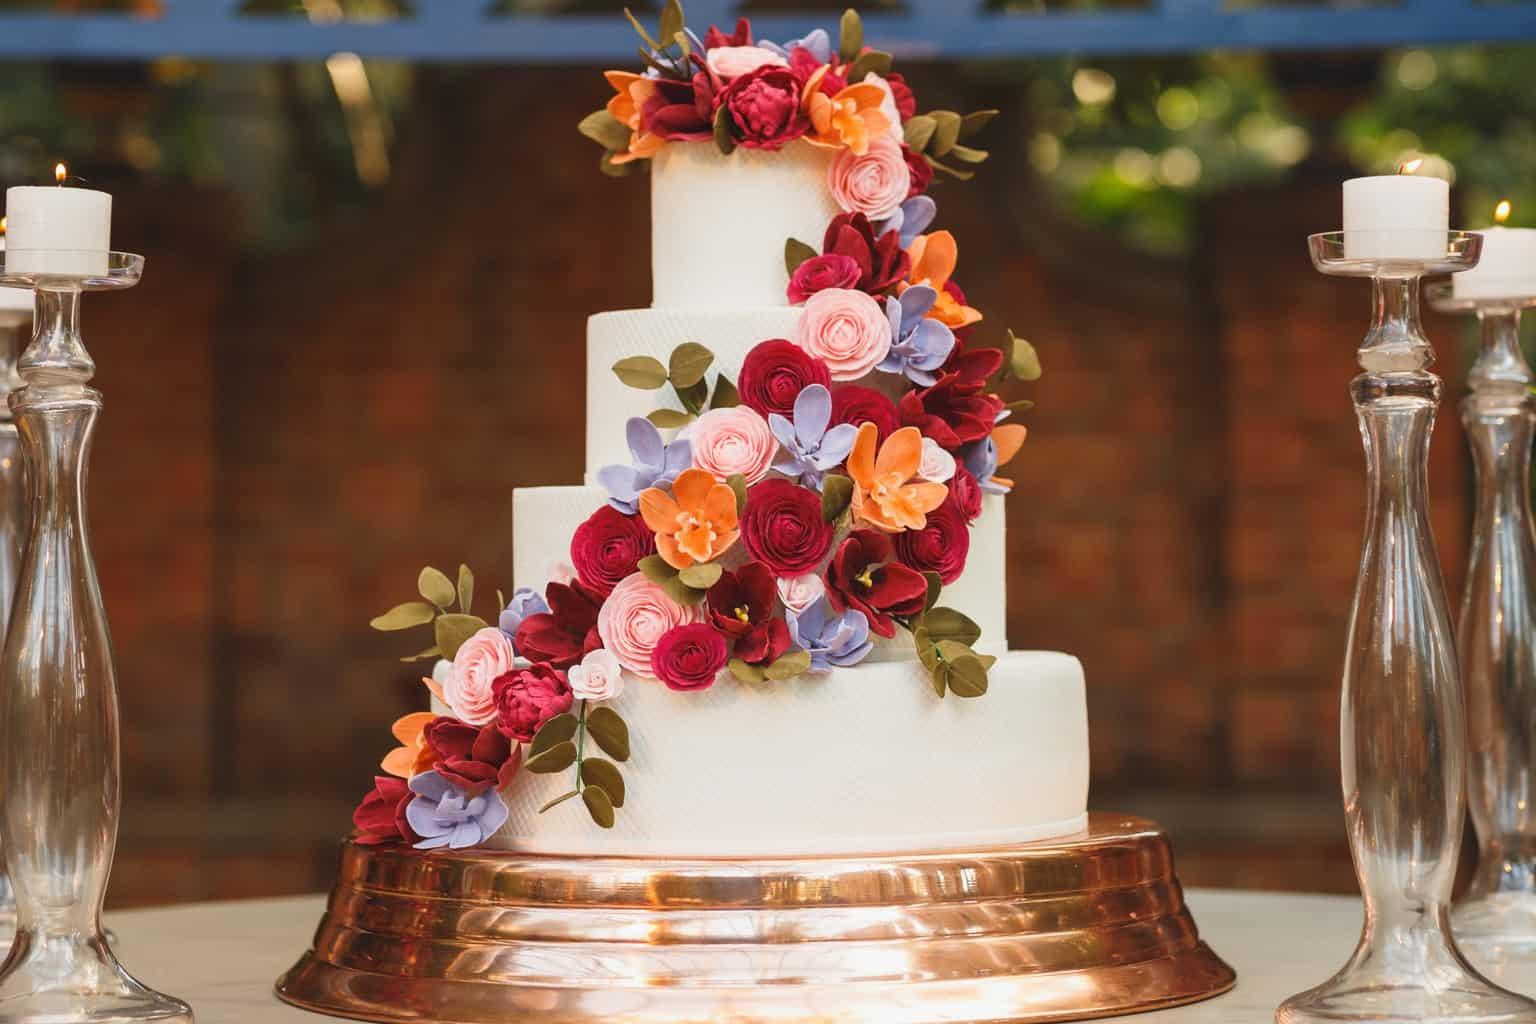 casamento-na-Fazenda-Vila-Rica-cerimonial-Ana-Paula-Tabet-decoracao-colorida-Fotografia-Euka-Weddings-Renata-e-Gabriel46